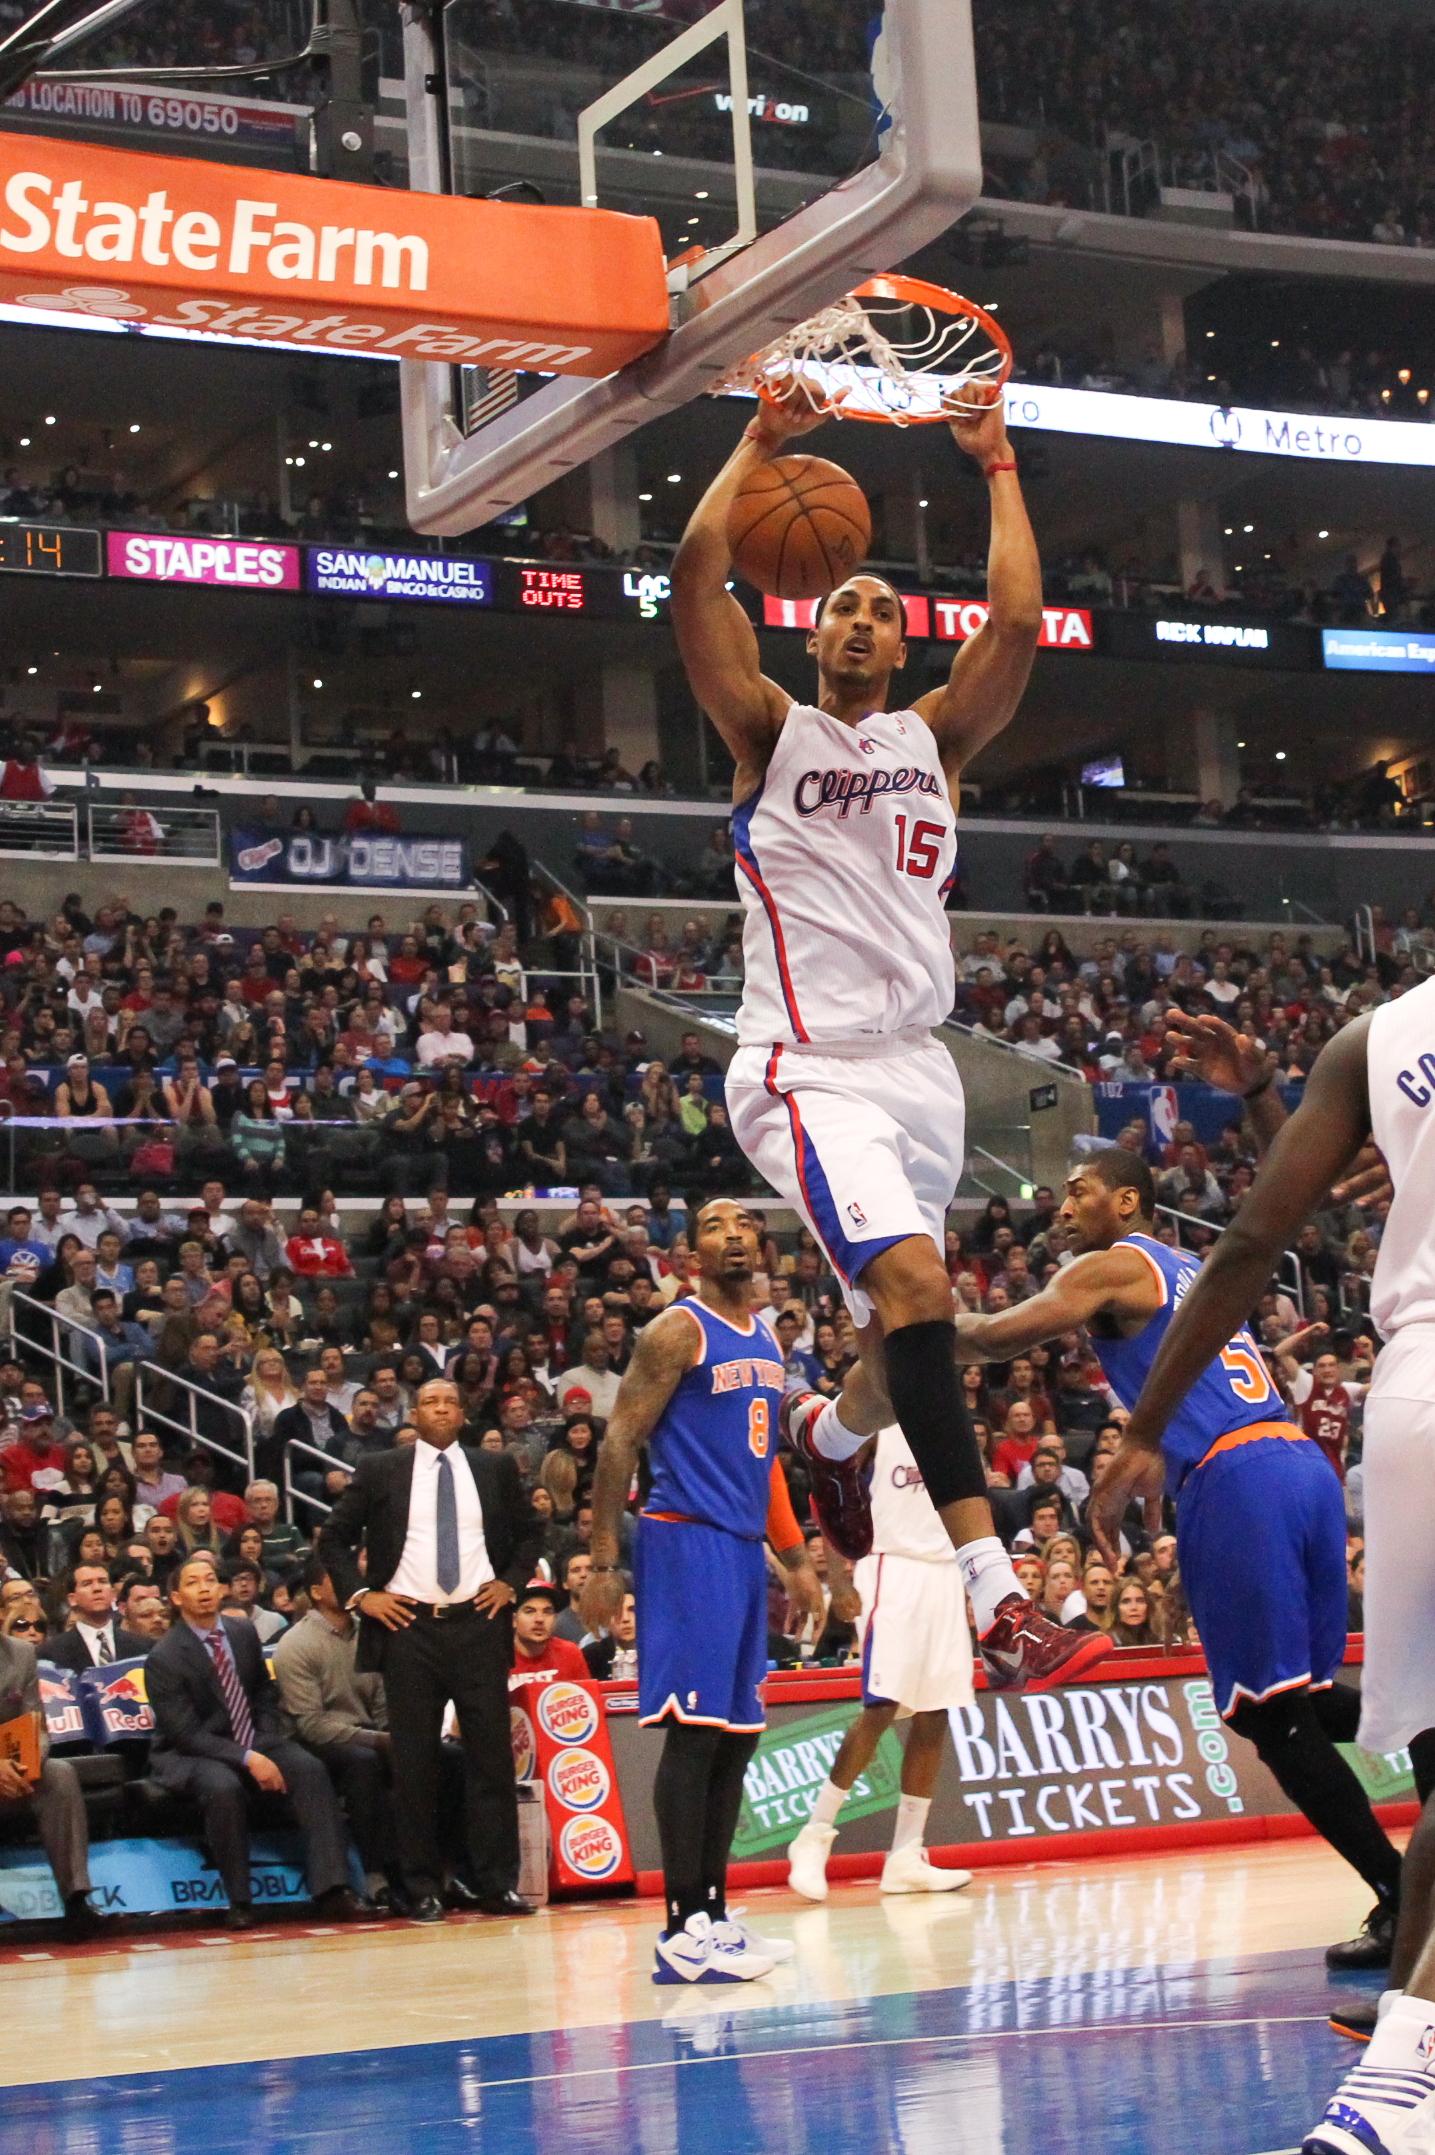 Photos by Varon P. Knicks-10.jpg